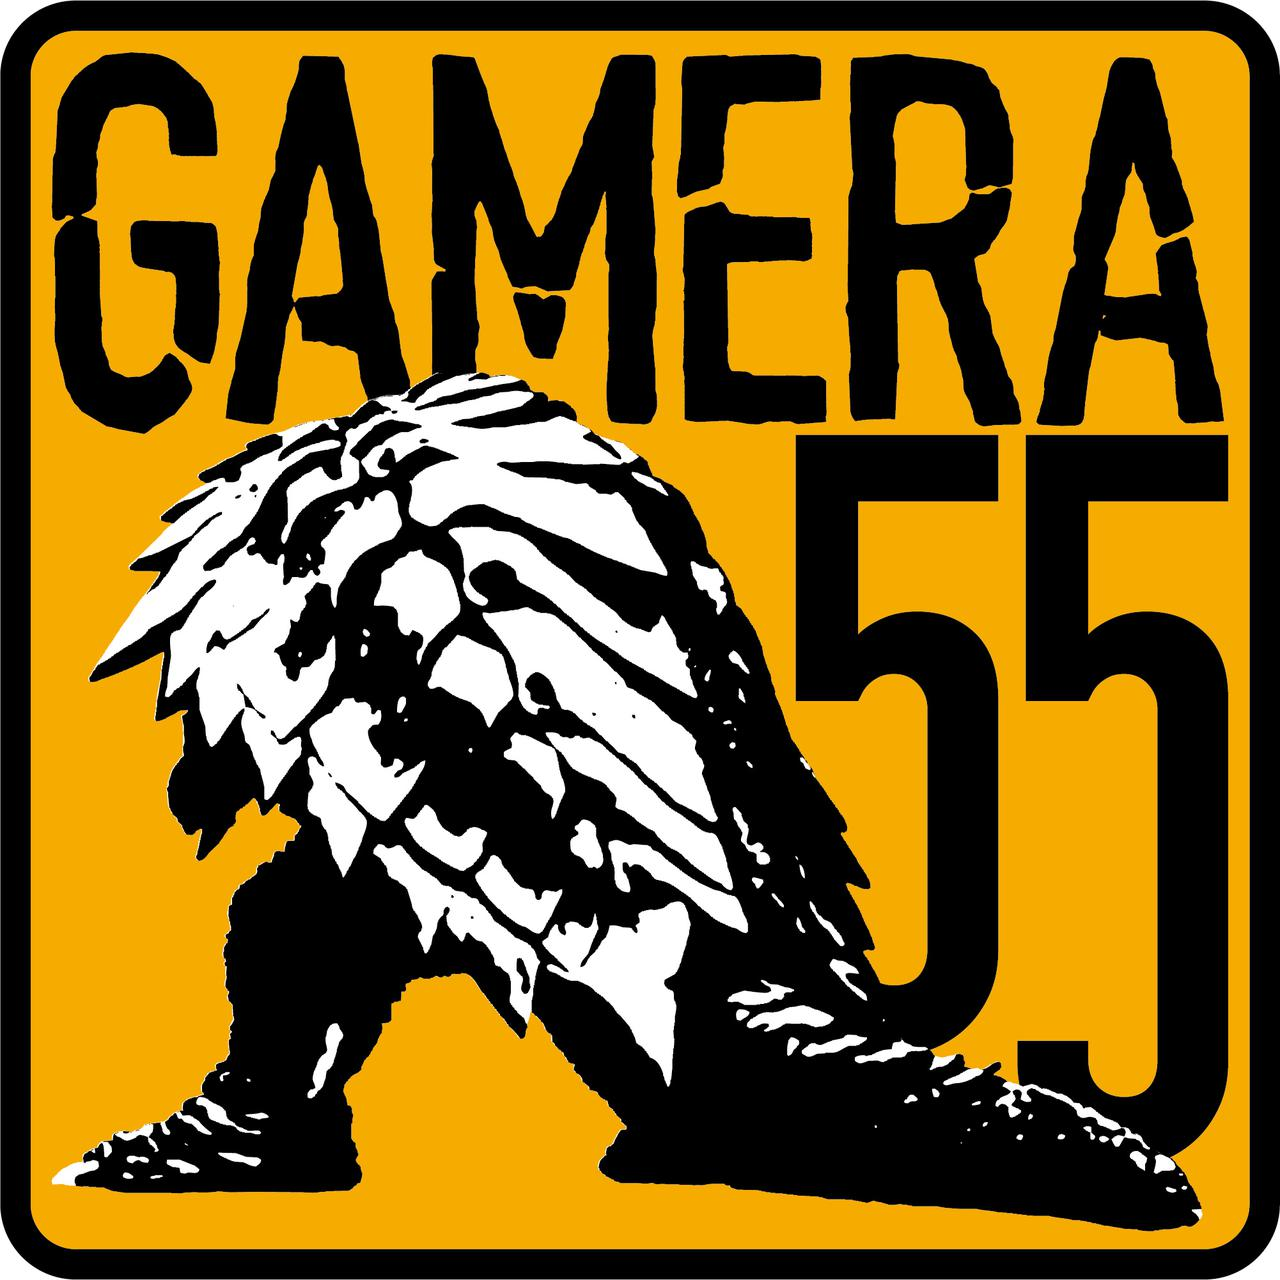 画像: その他のガメラ生誕55周年記念プロジェクトはコチラ!